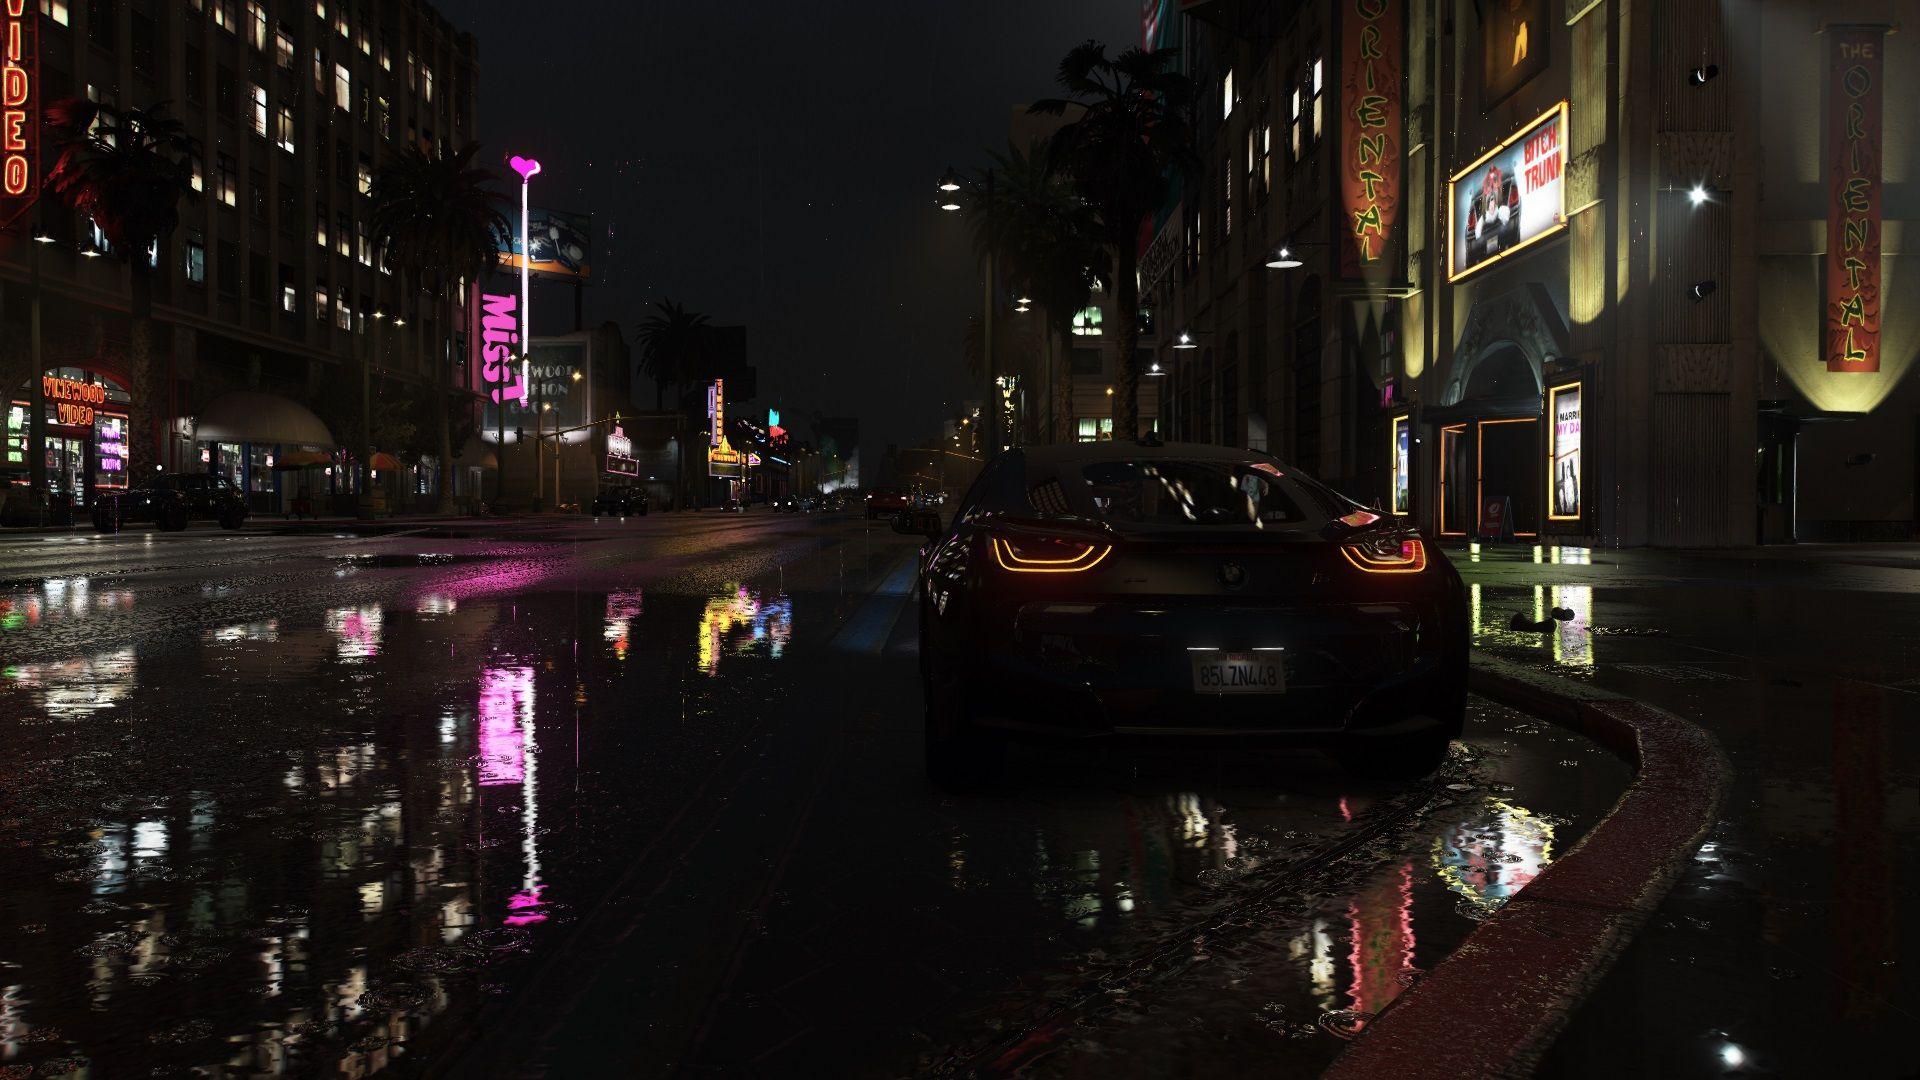 Gta 5 Downtown Hollywood 1920x1080 Car Is A Bmw I8 Bmw I8 Gta 5 Gta